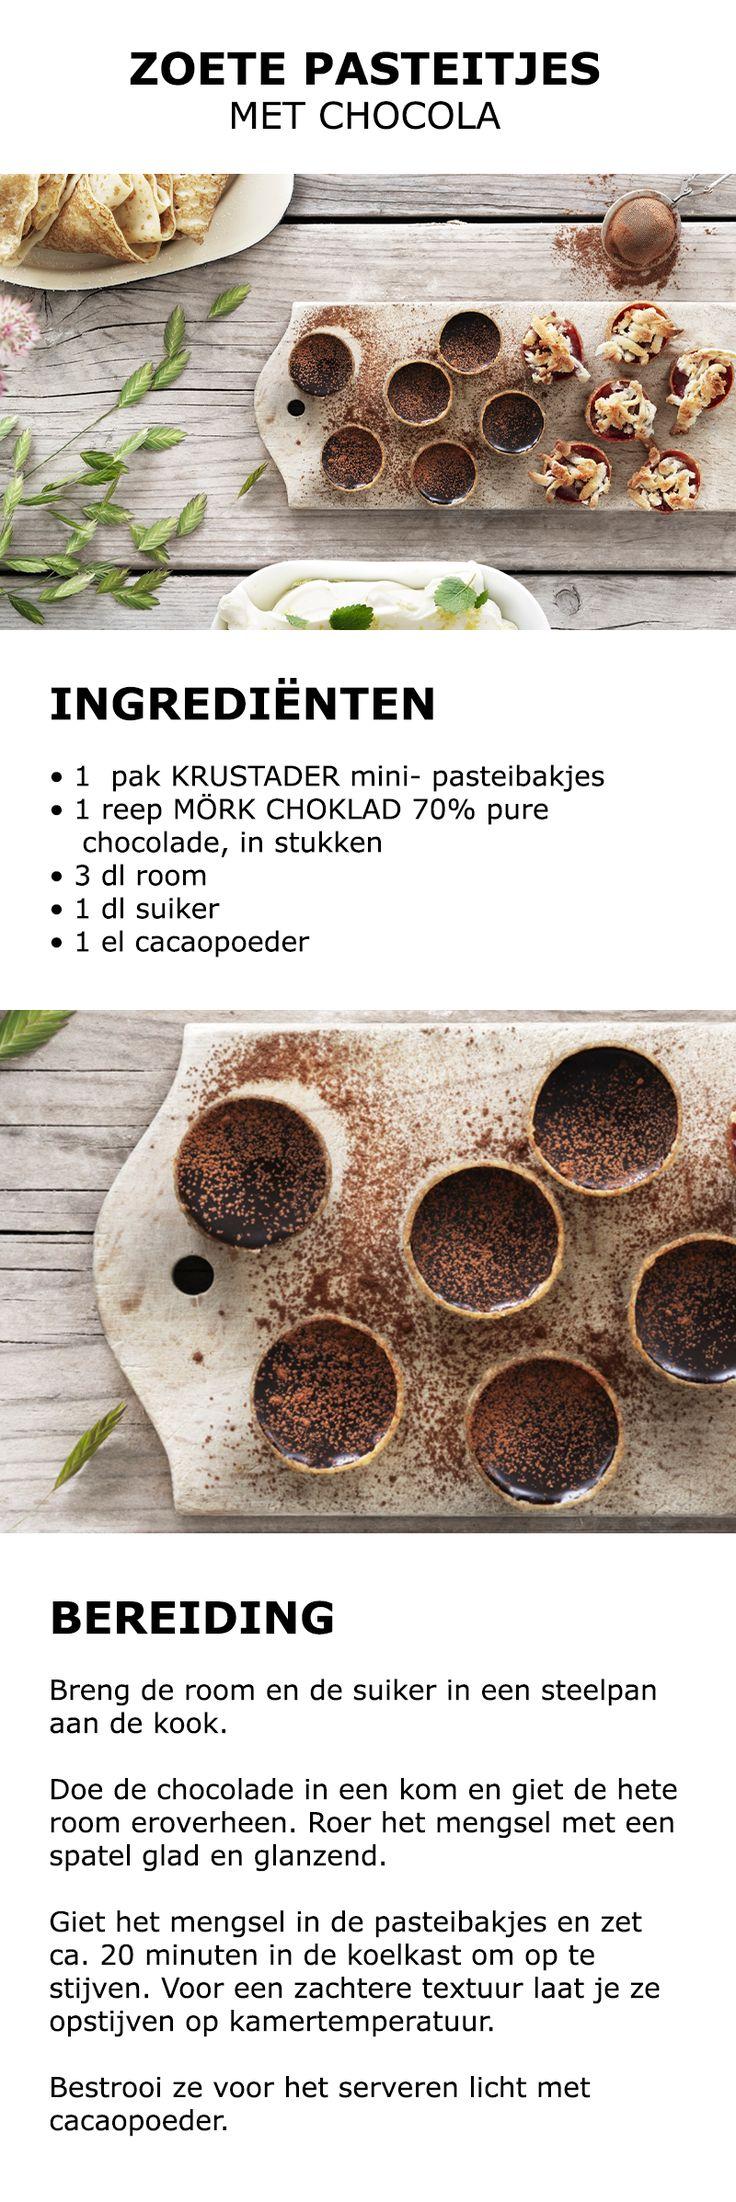 Inspiratie voor Midsommar - Zoete pasteitjes met chocola   #koken #keuken…